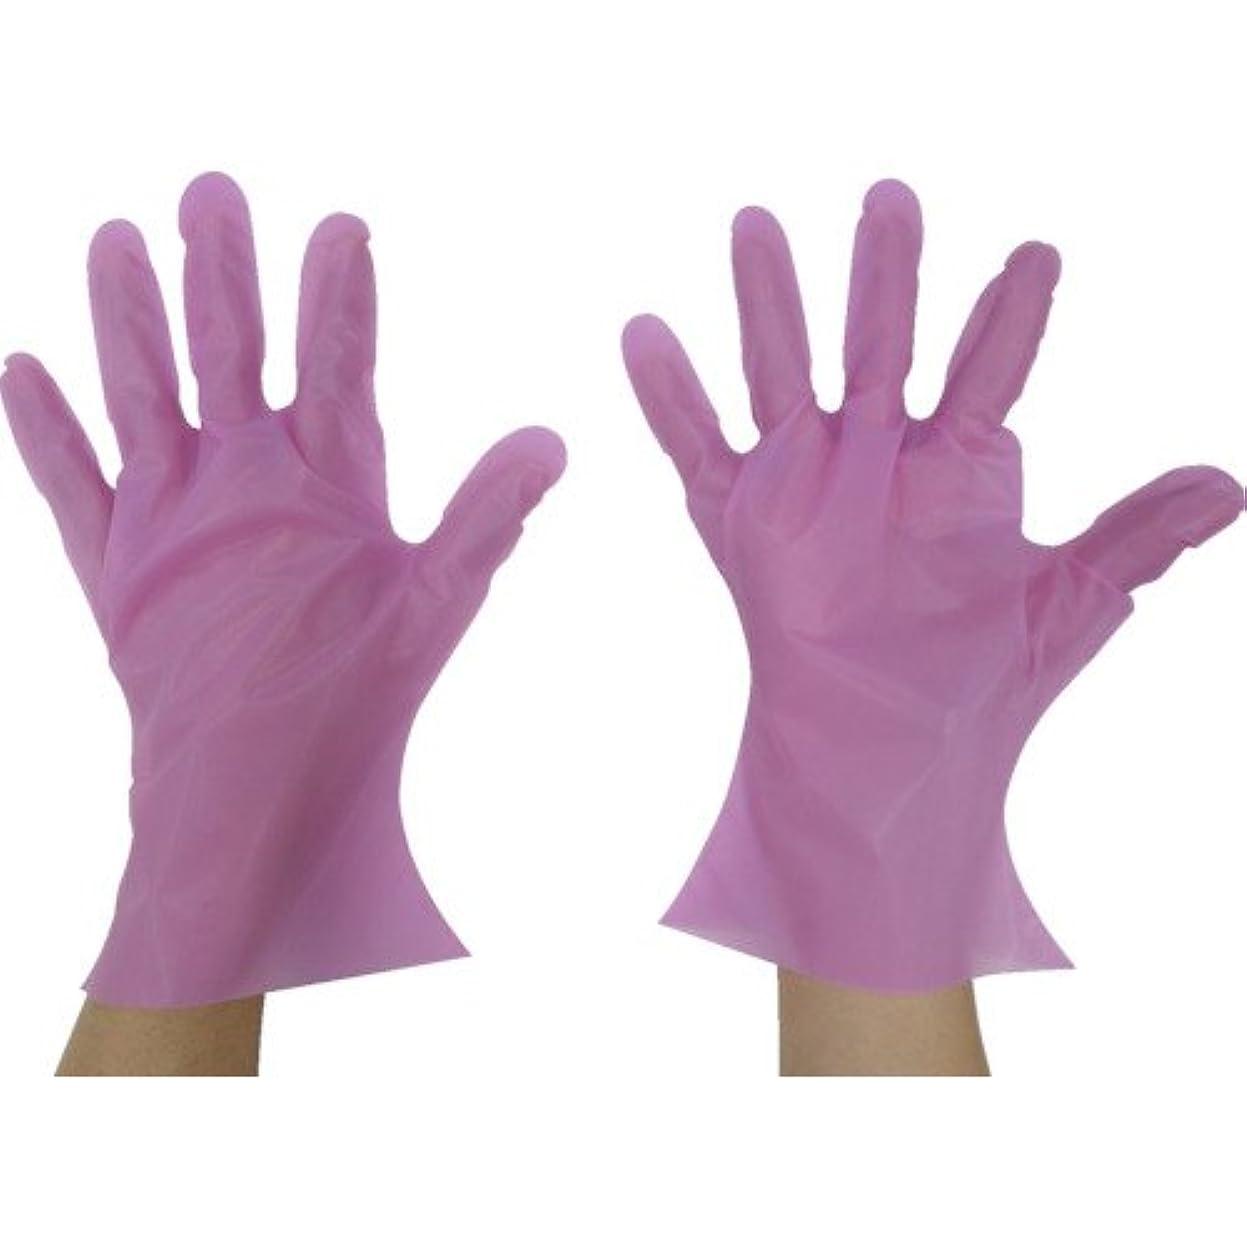 柔らかい足はい友情東京パック マイジャストグローブエコノミー化粧箱L ピンク(入数:200枚) PMJEK-L